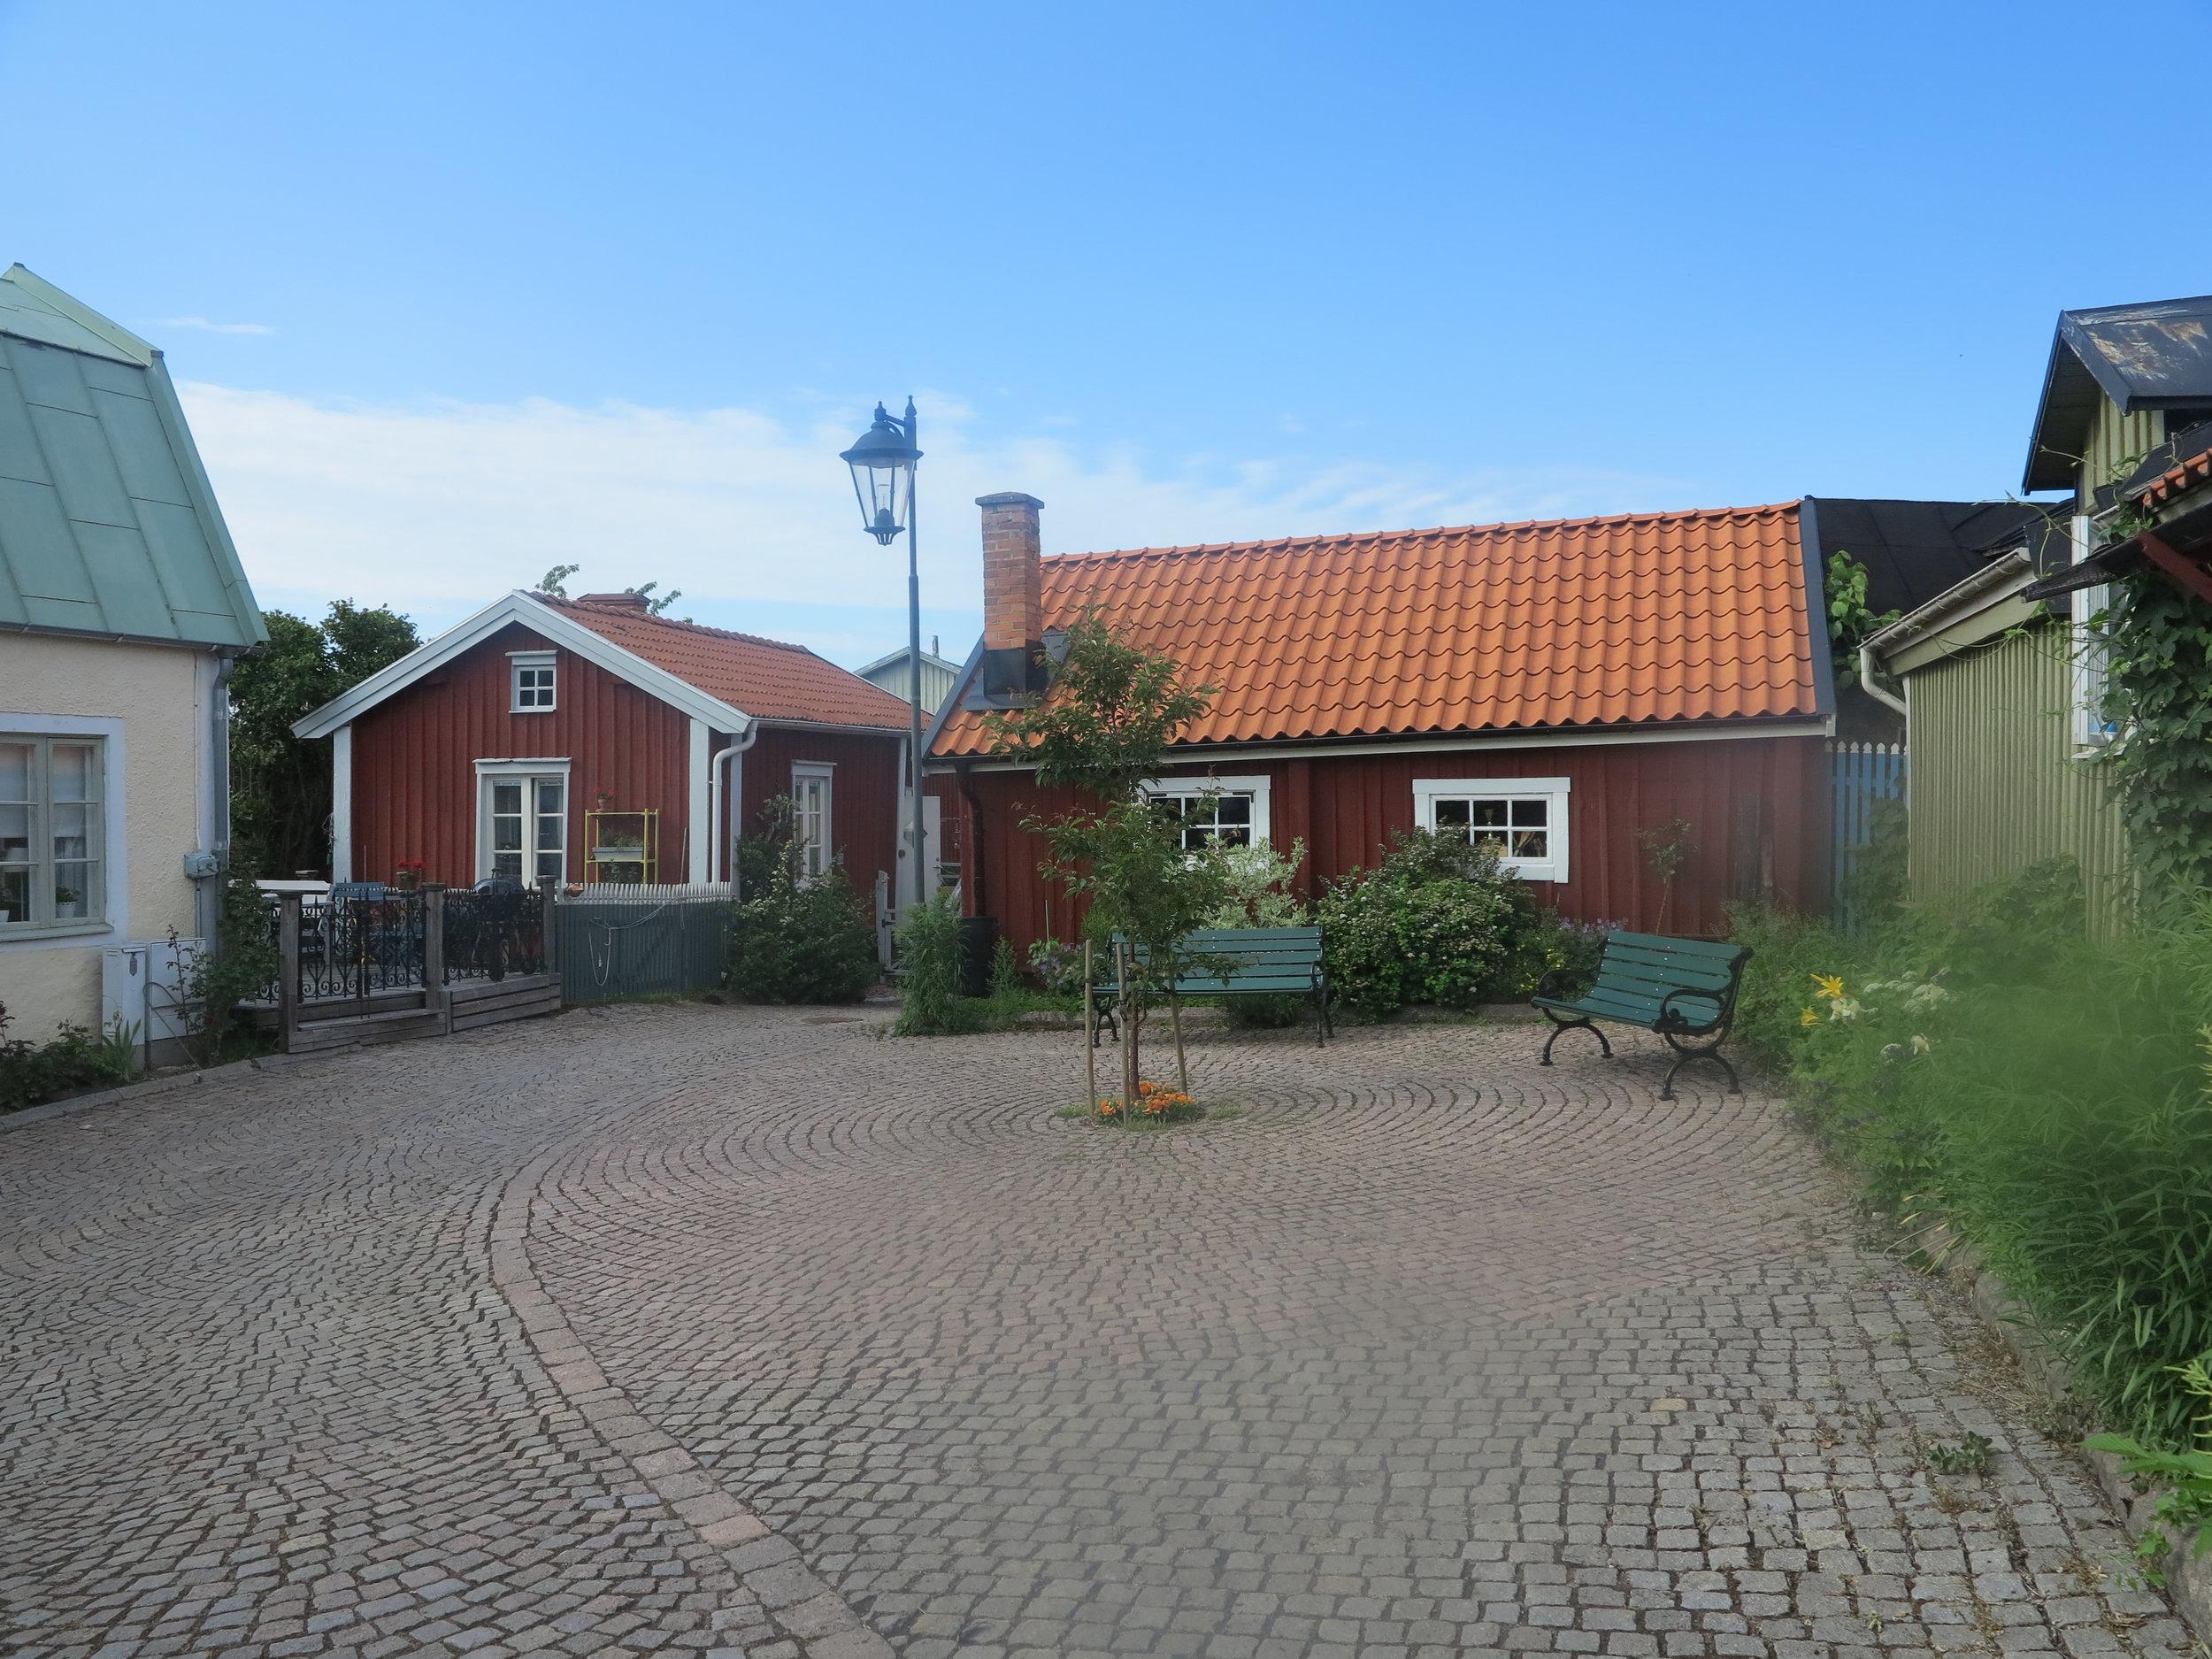 Ein kleiner Platz zwischen roten Holzhäusern. Wenn man dort auf einer der Bänke sitzt, fühlt es sich an, als wäre die Zeit stehengeblieben